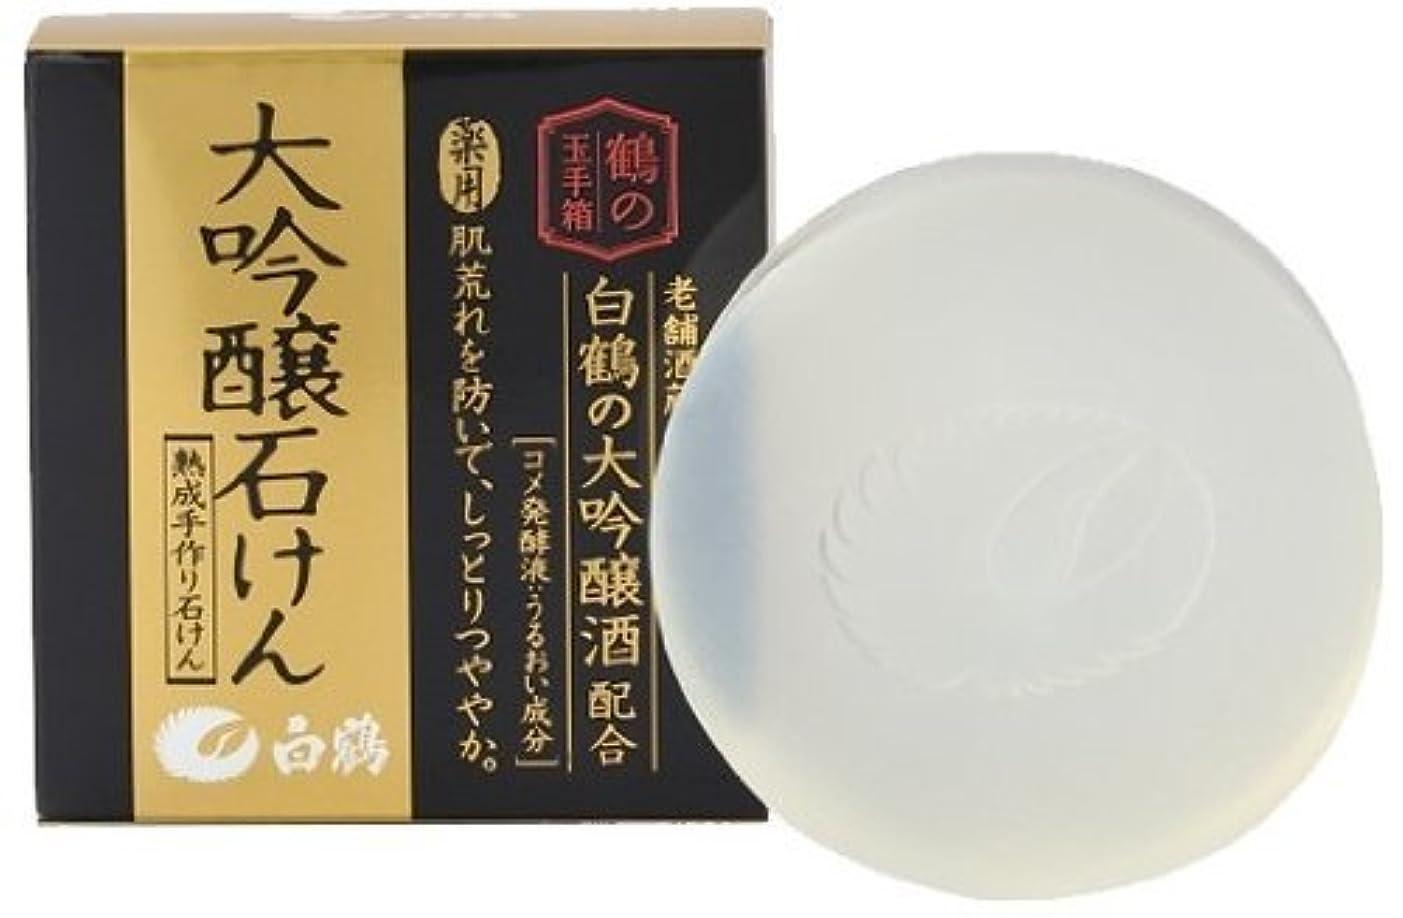 出身地重なる種類白鶴 鶴の玉手箱 大吟醸石けん 100g × 10個 (薬用)(医薬部外品)